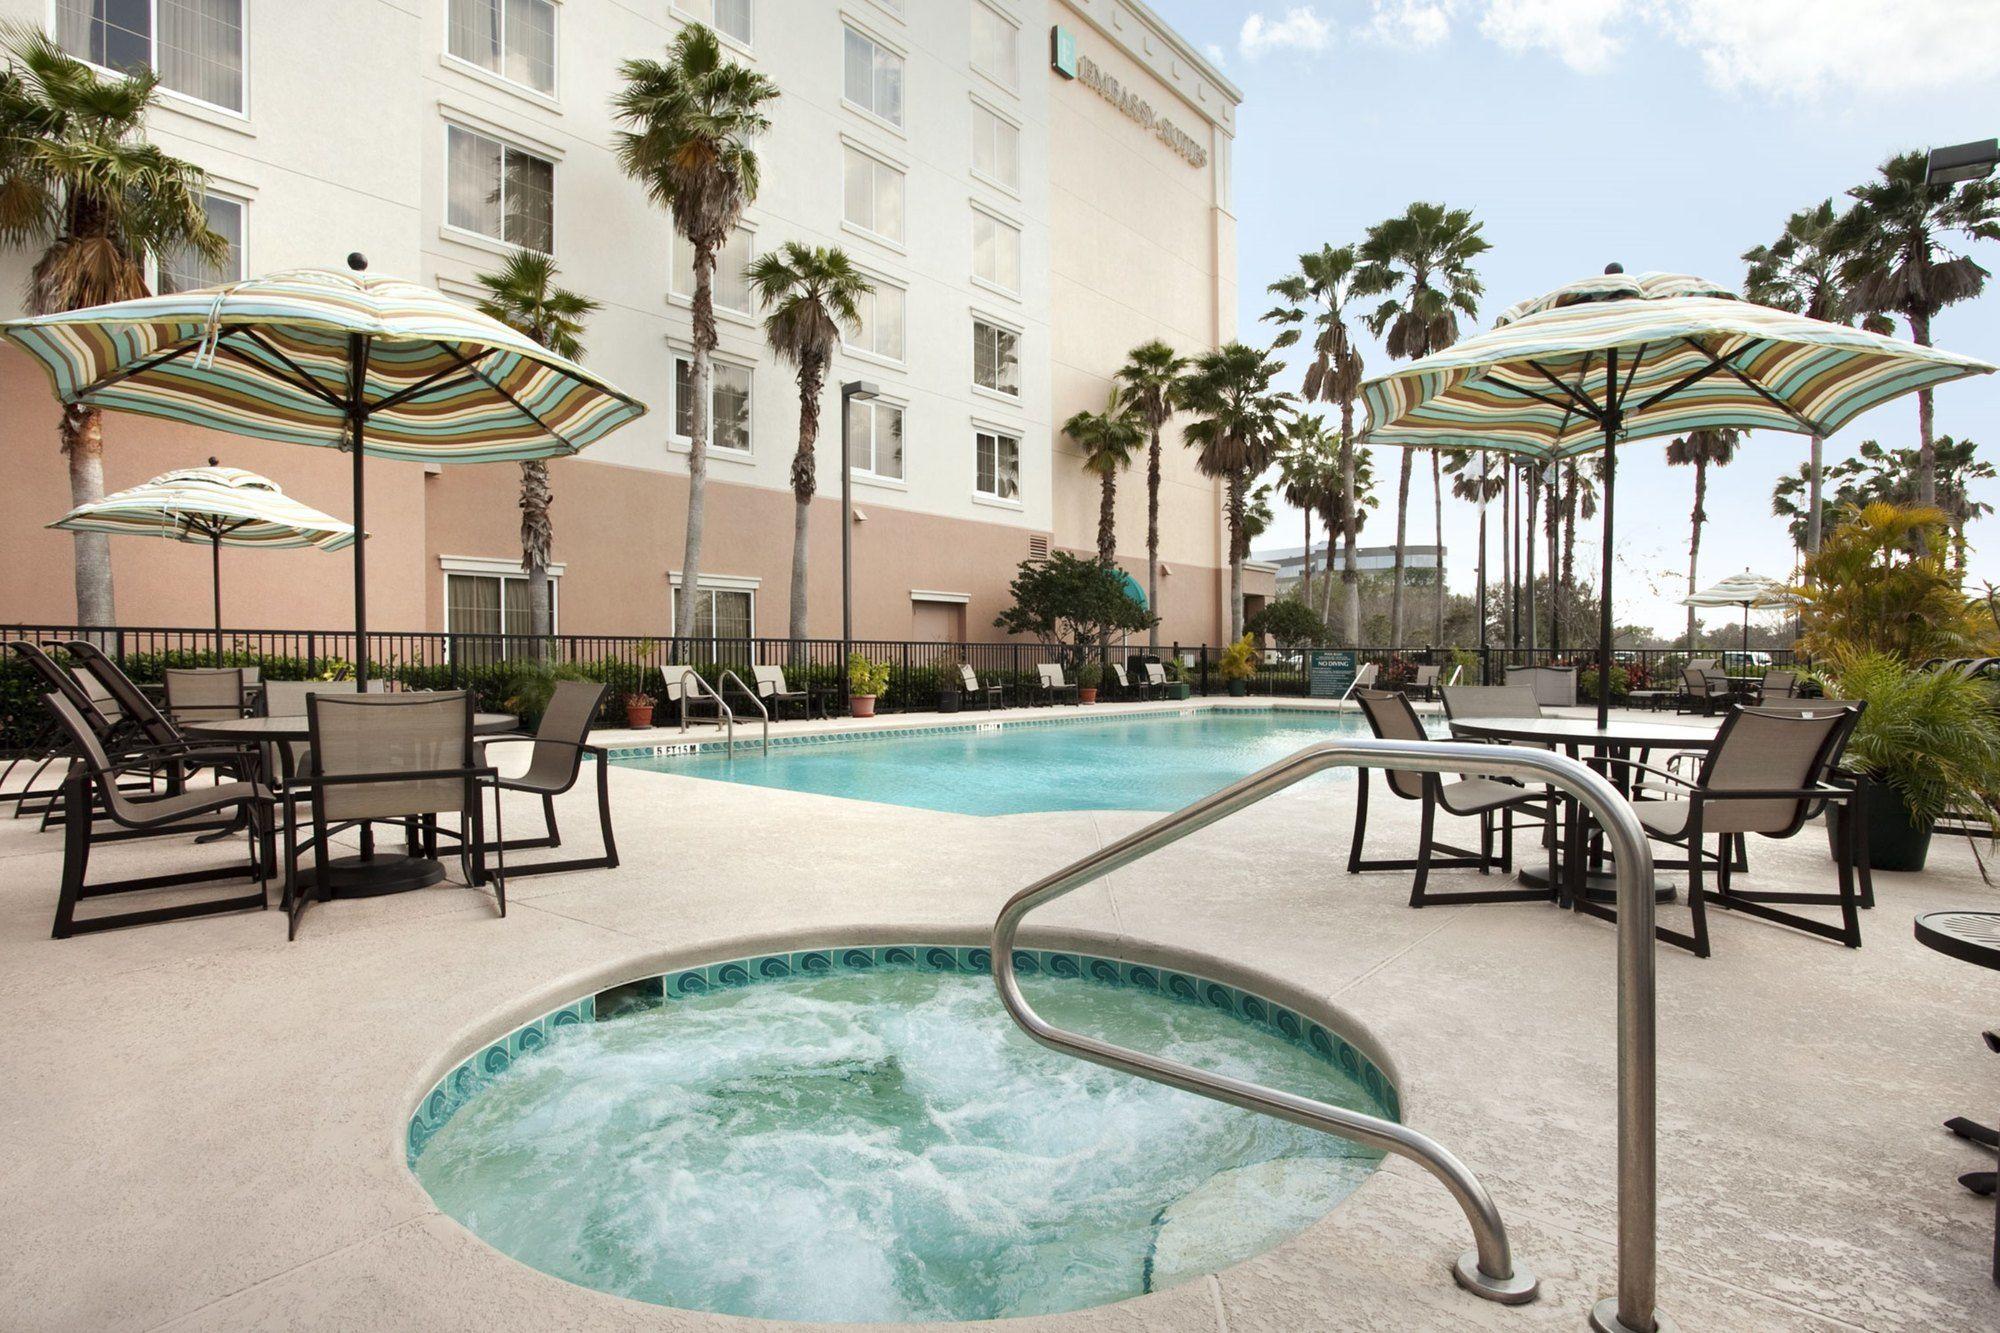 Embassy Suites Orlando Airport